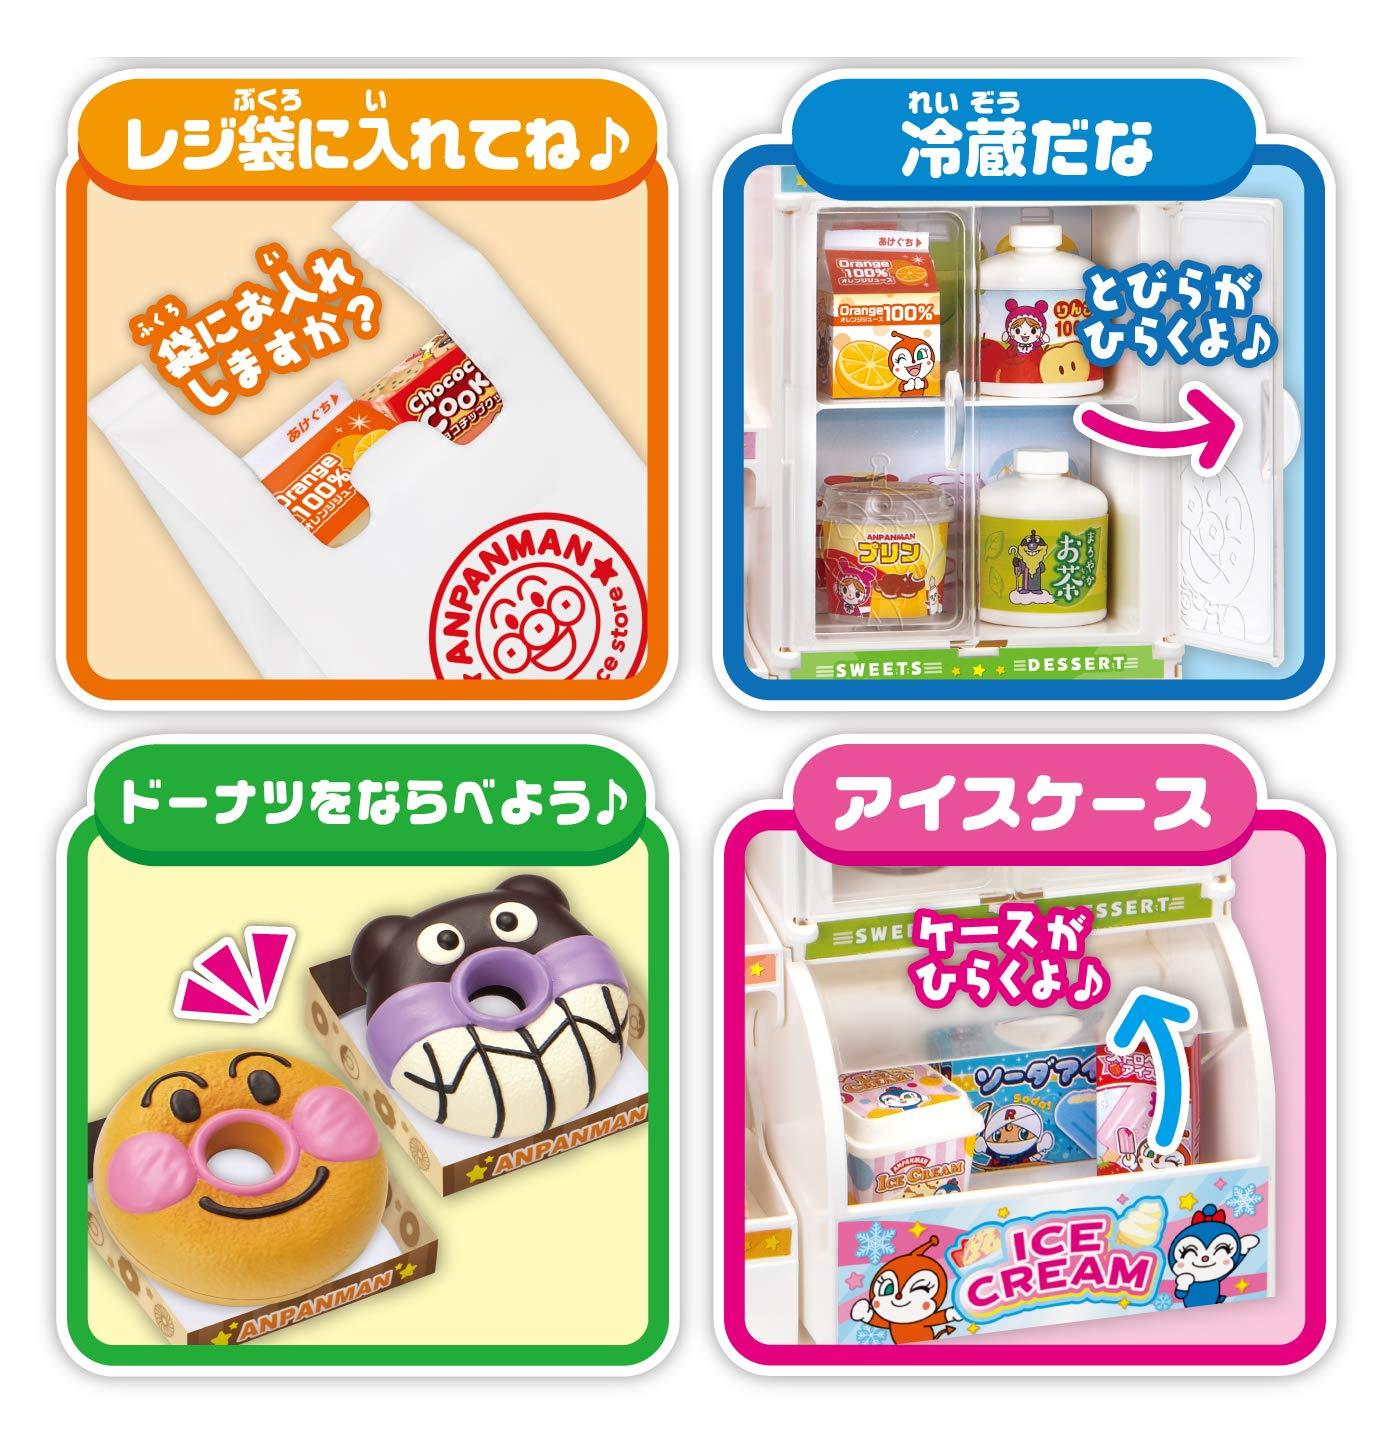 Sega Help You! Anpanman Convenience Store